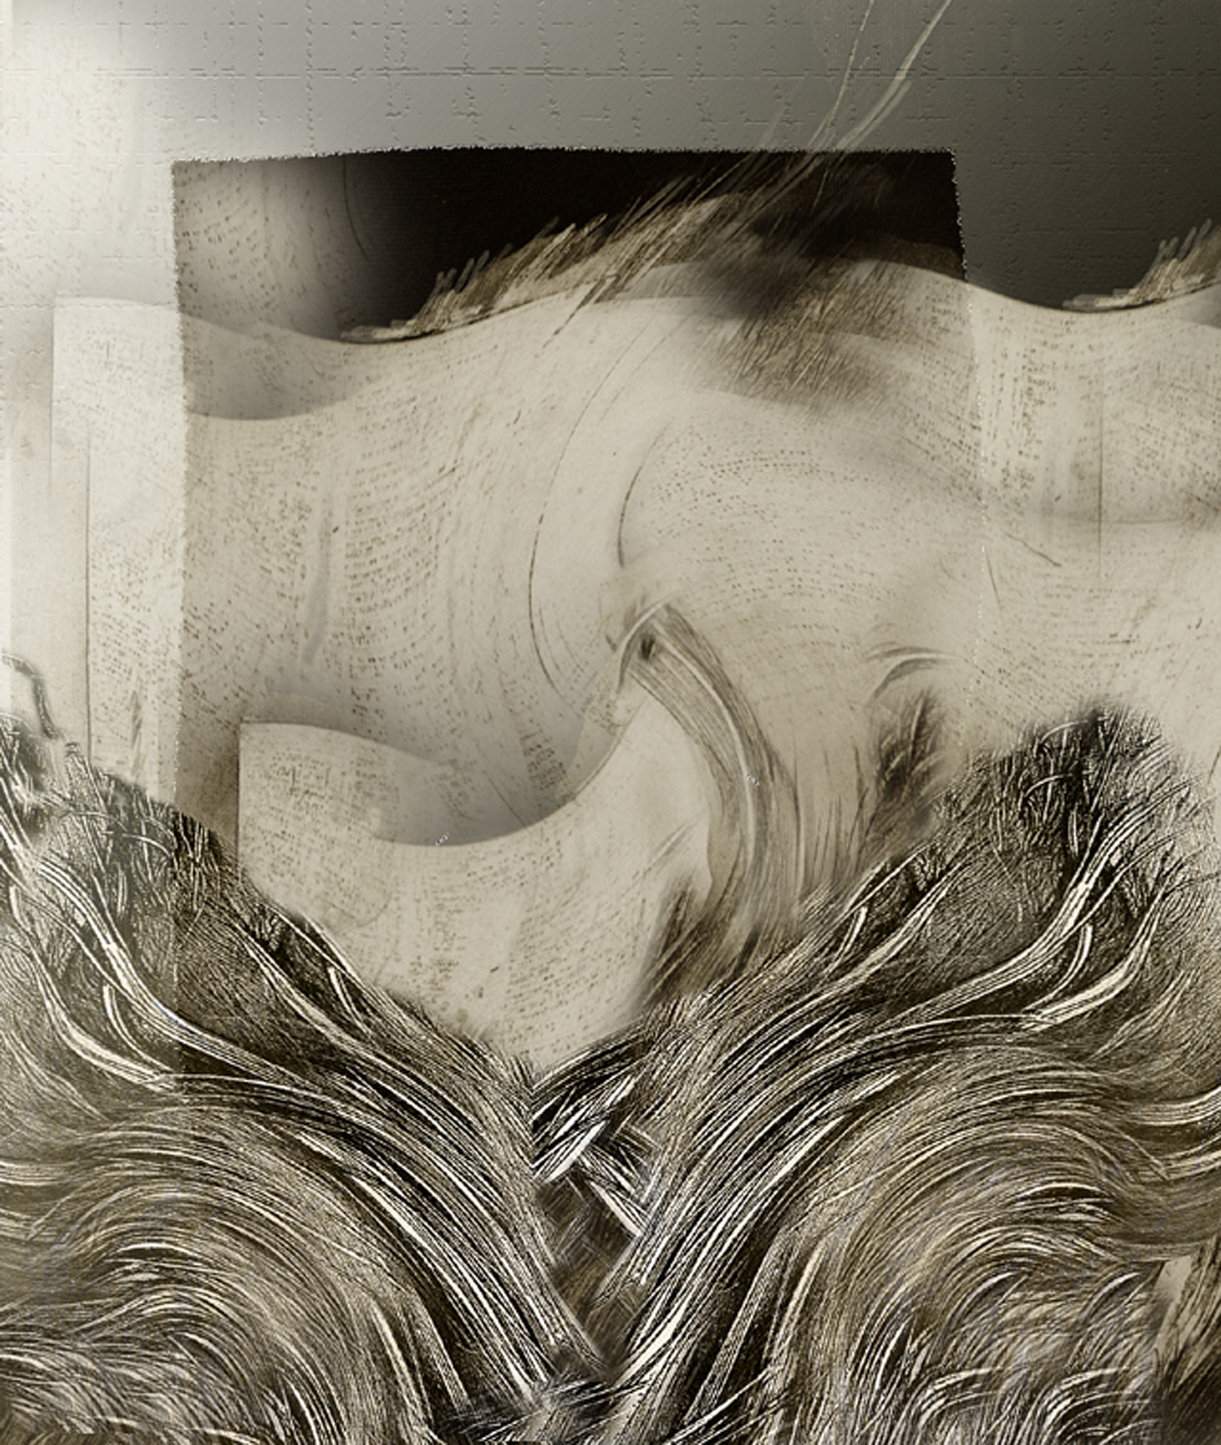 Wiatr 2, Tajemnica skały, 69x58 cm, 2001.jpg